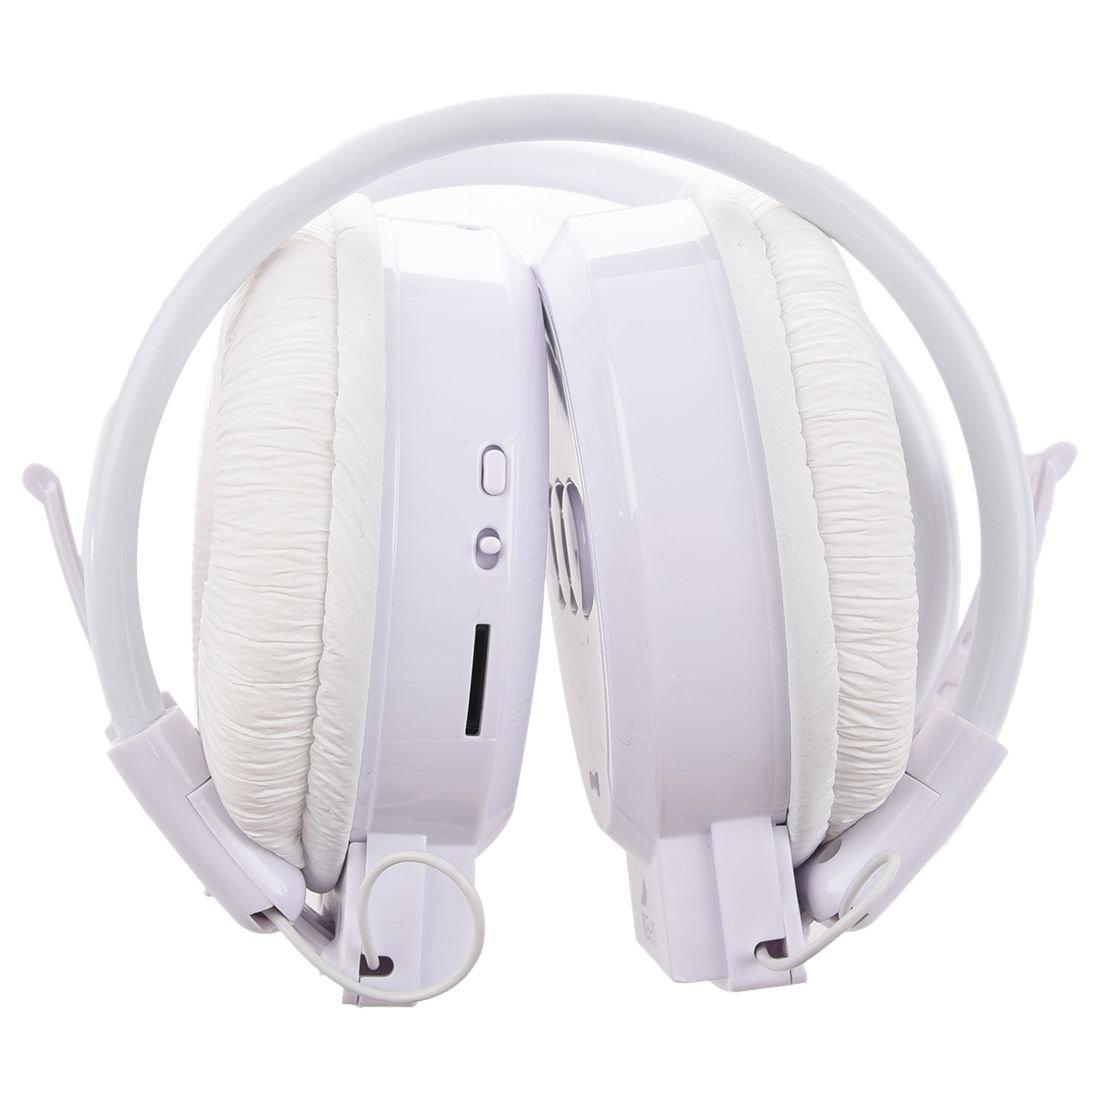 SODIAL Reproductor de MP3 radio FM Auriculares deportivos blancos ...